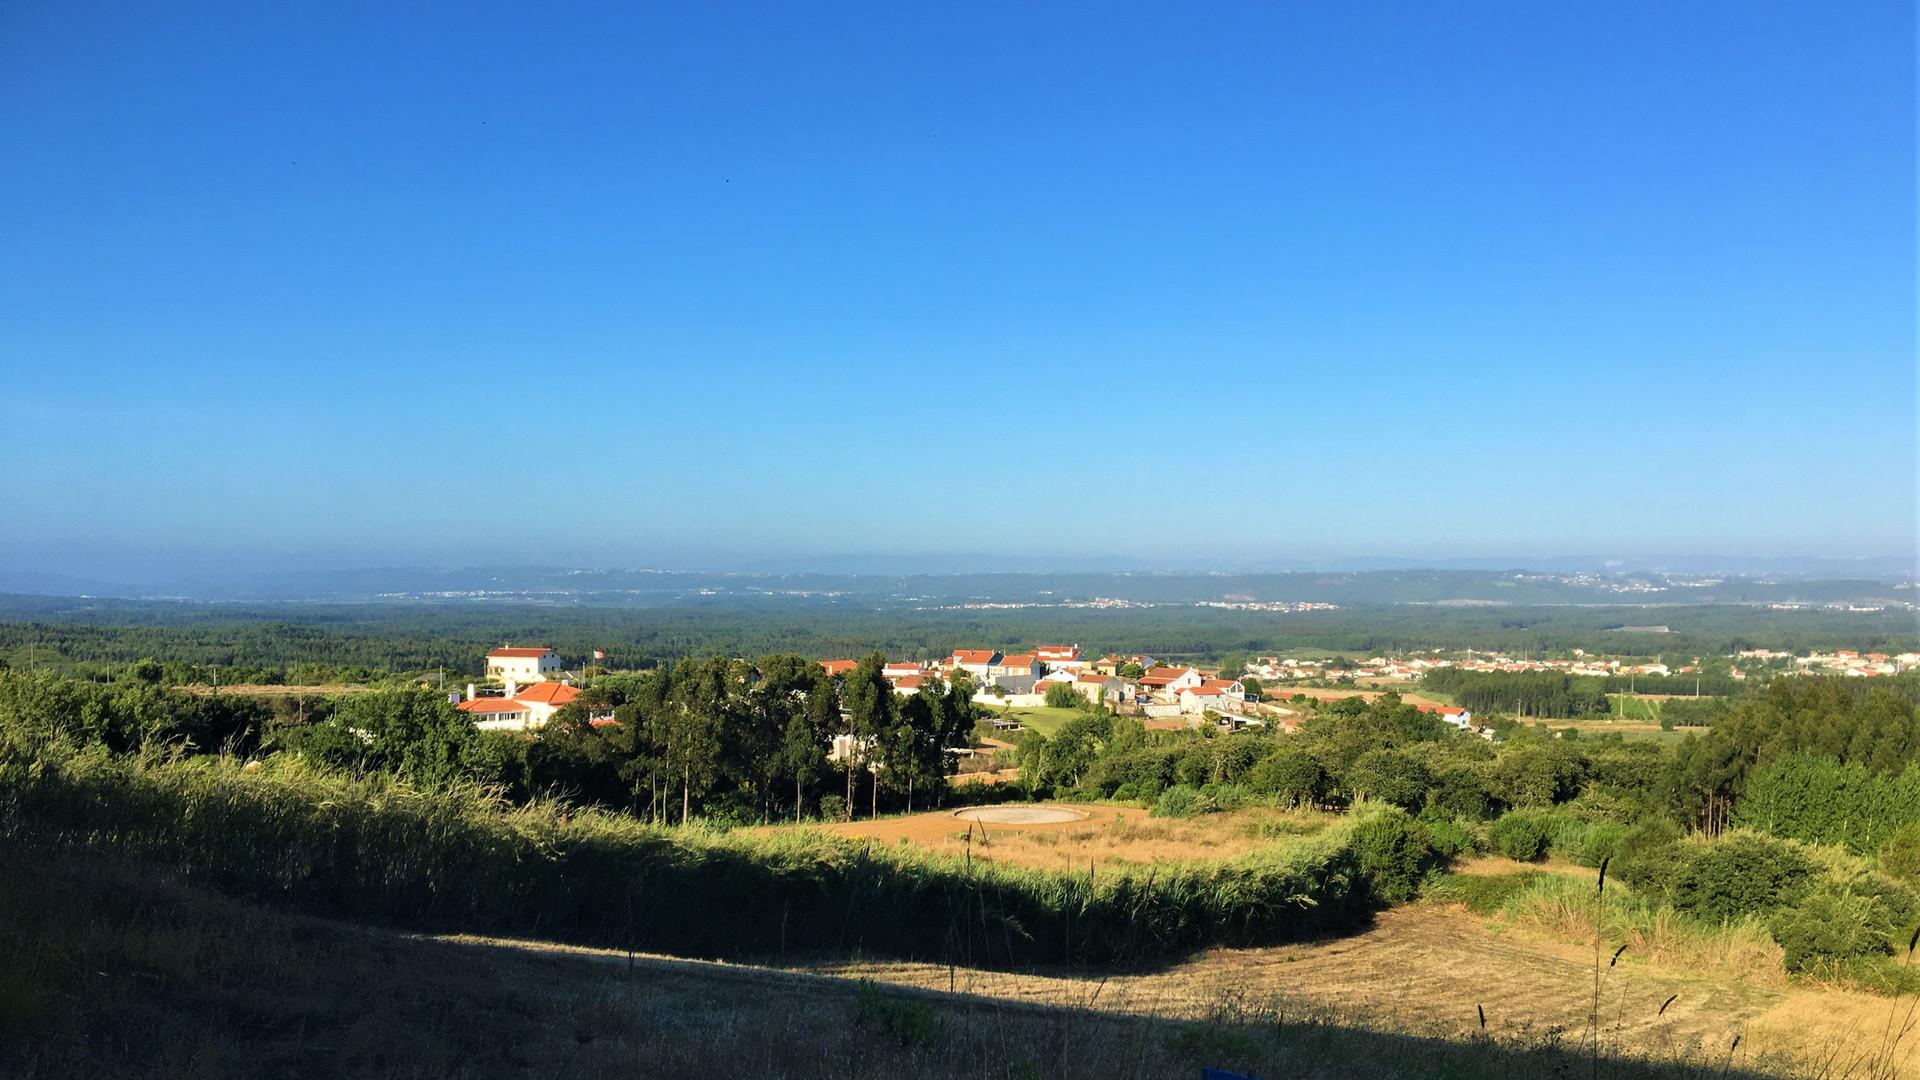 Vista Casas do Carvalho